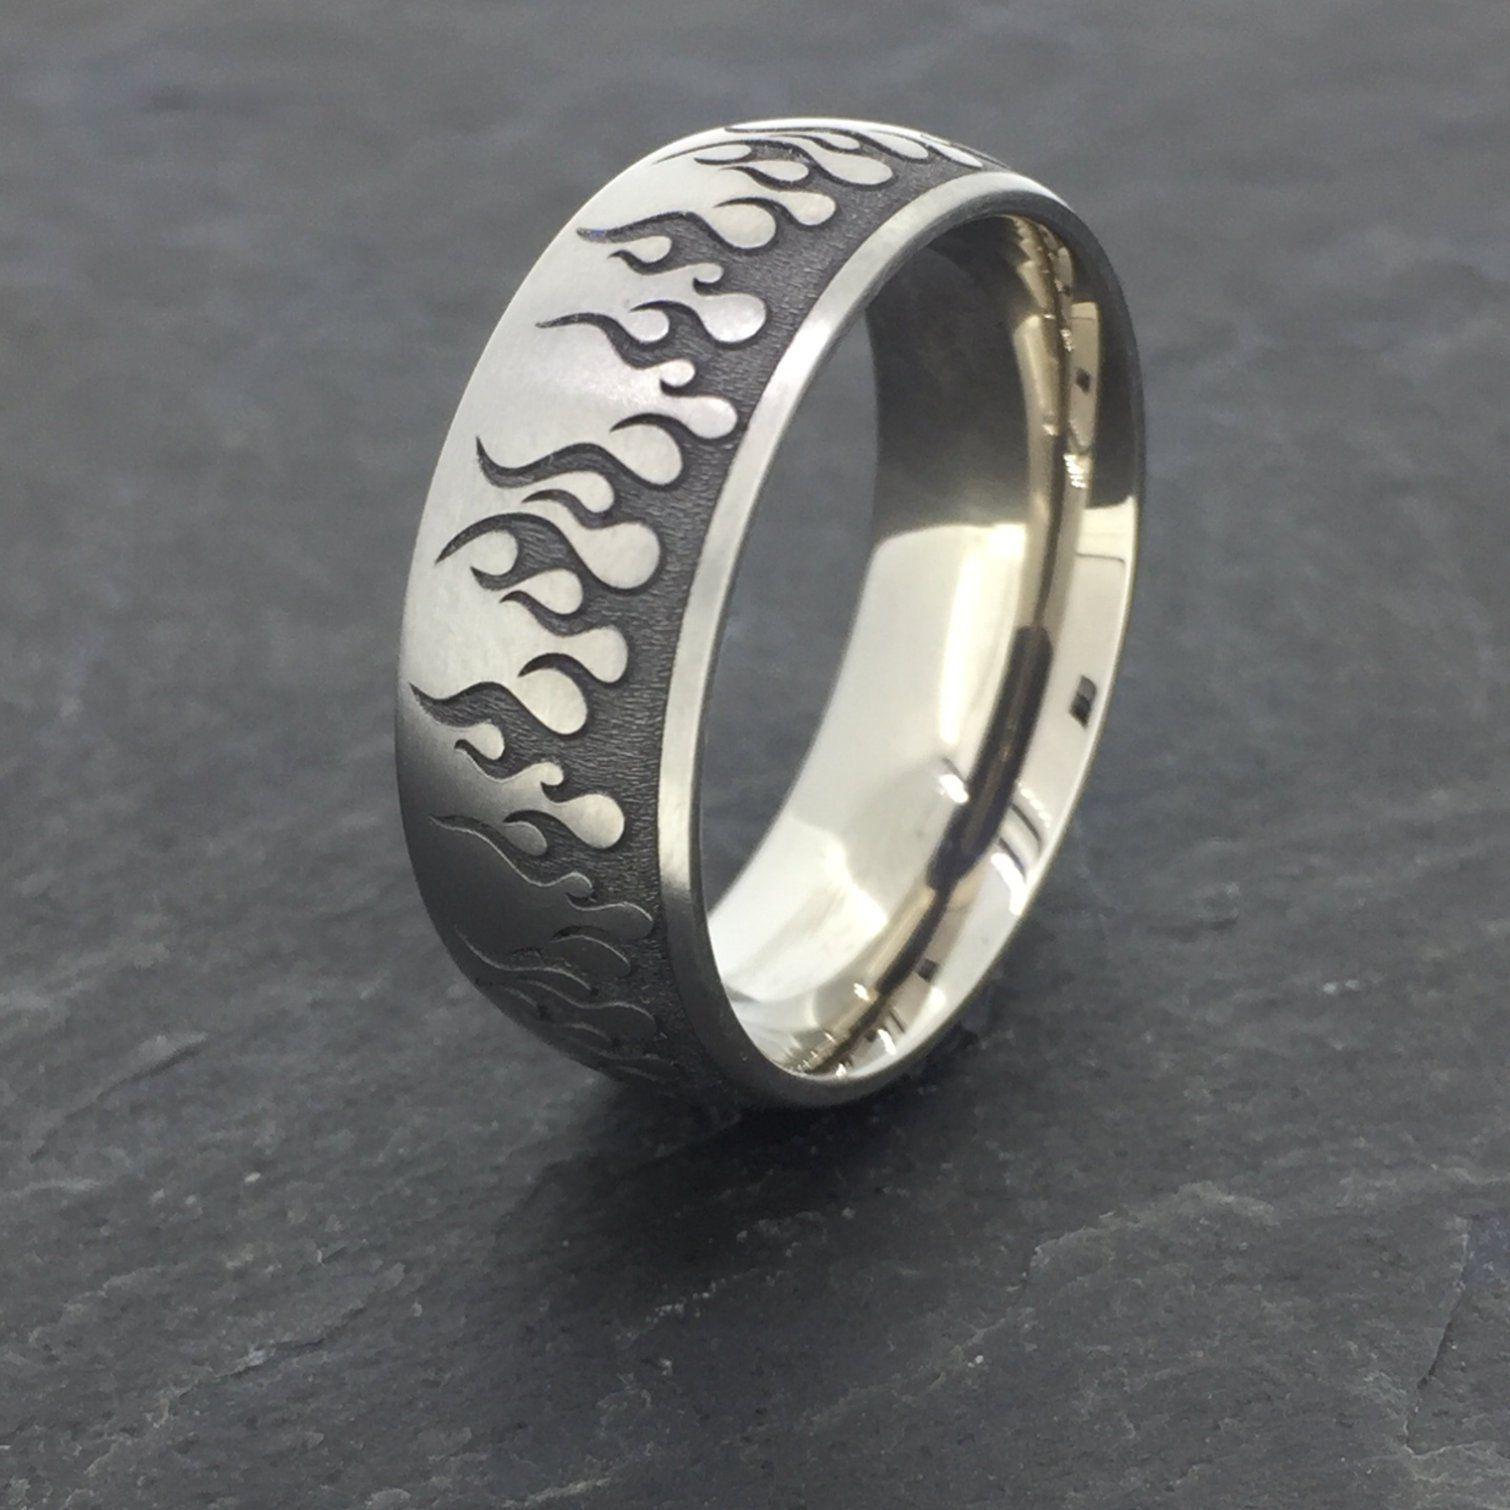 Titanium Ring, Engraved Flames Titanium rings, Rings